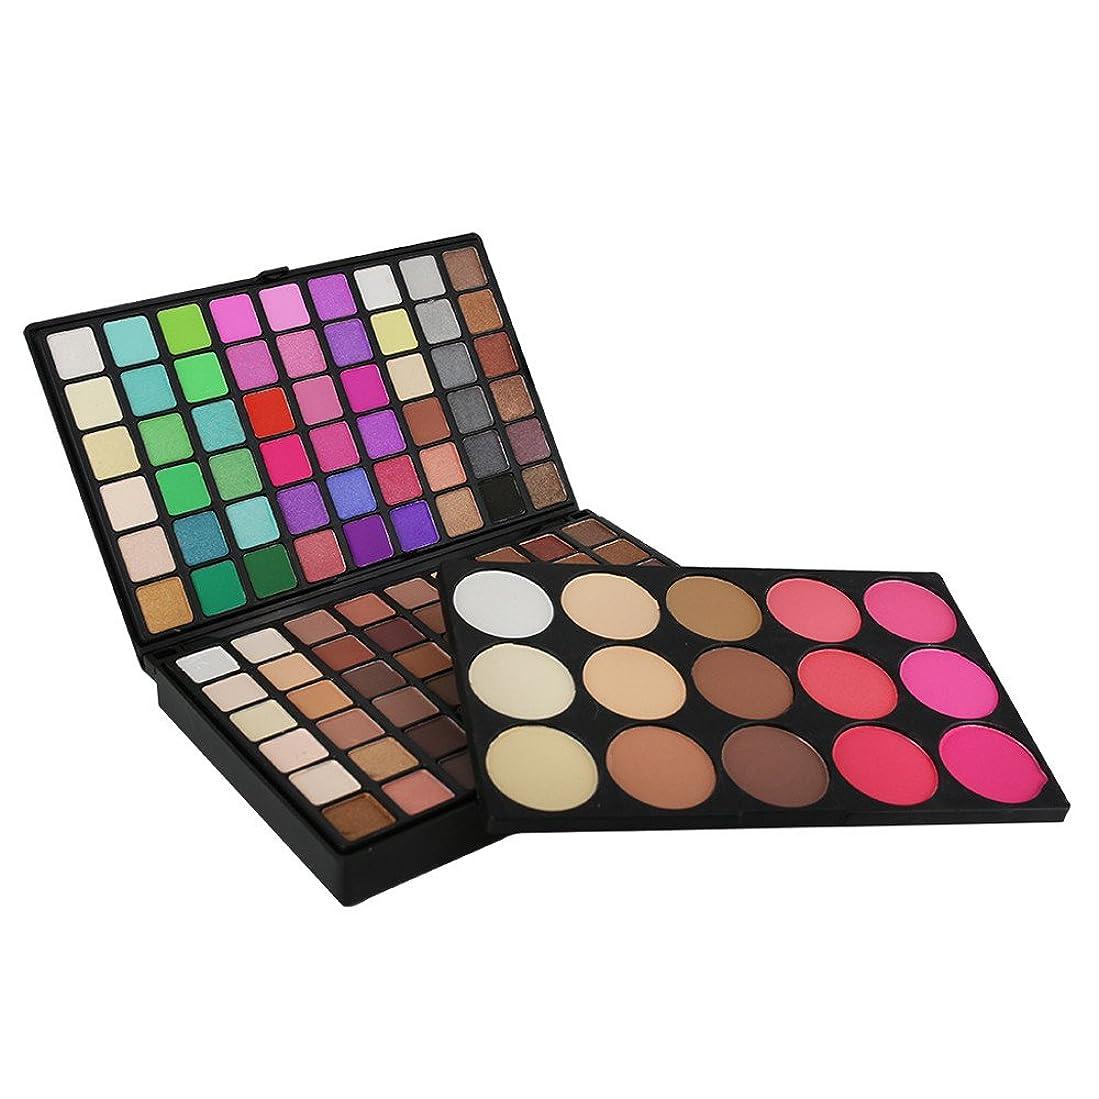 下品前投薬影響する123色化粧品マットアイシャドークリームアイシャドーメイクアップパレットシマーセット